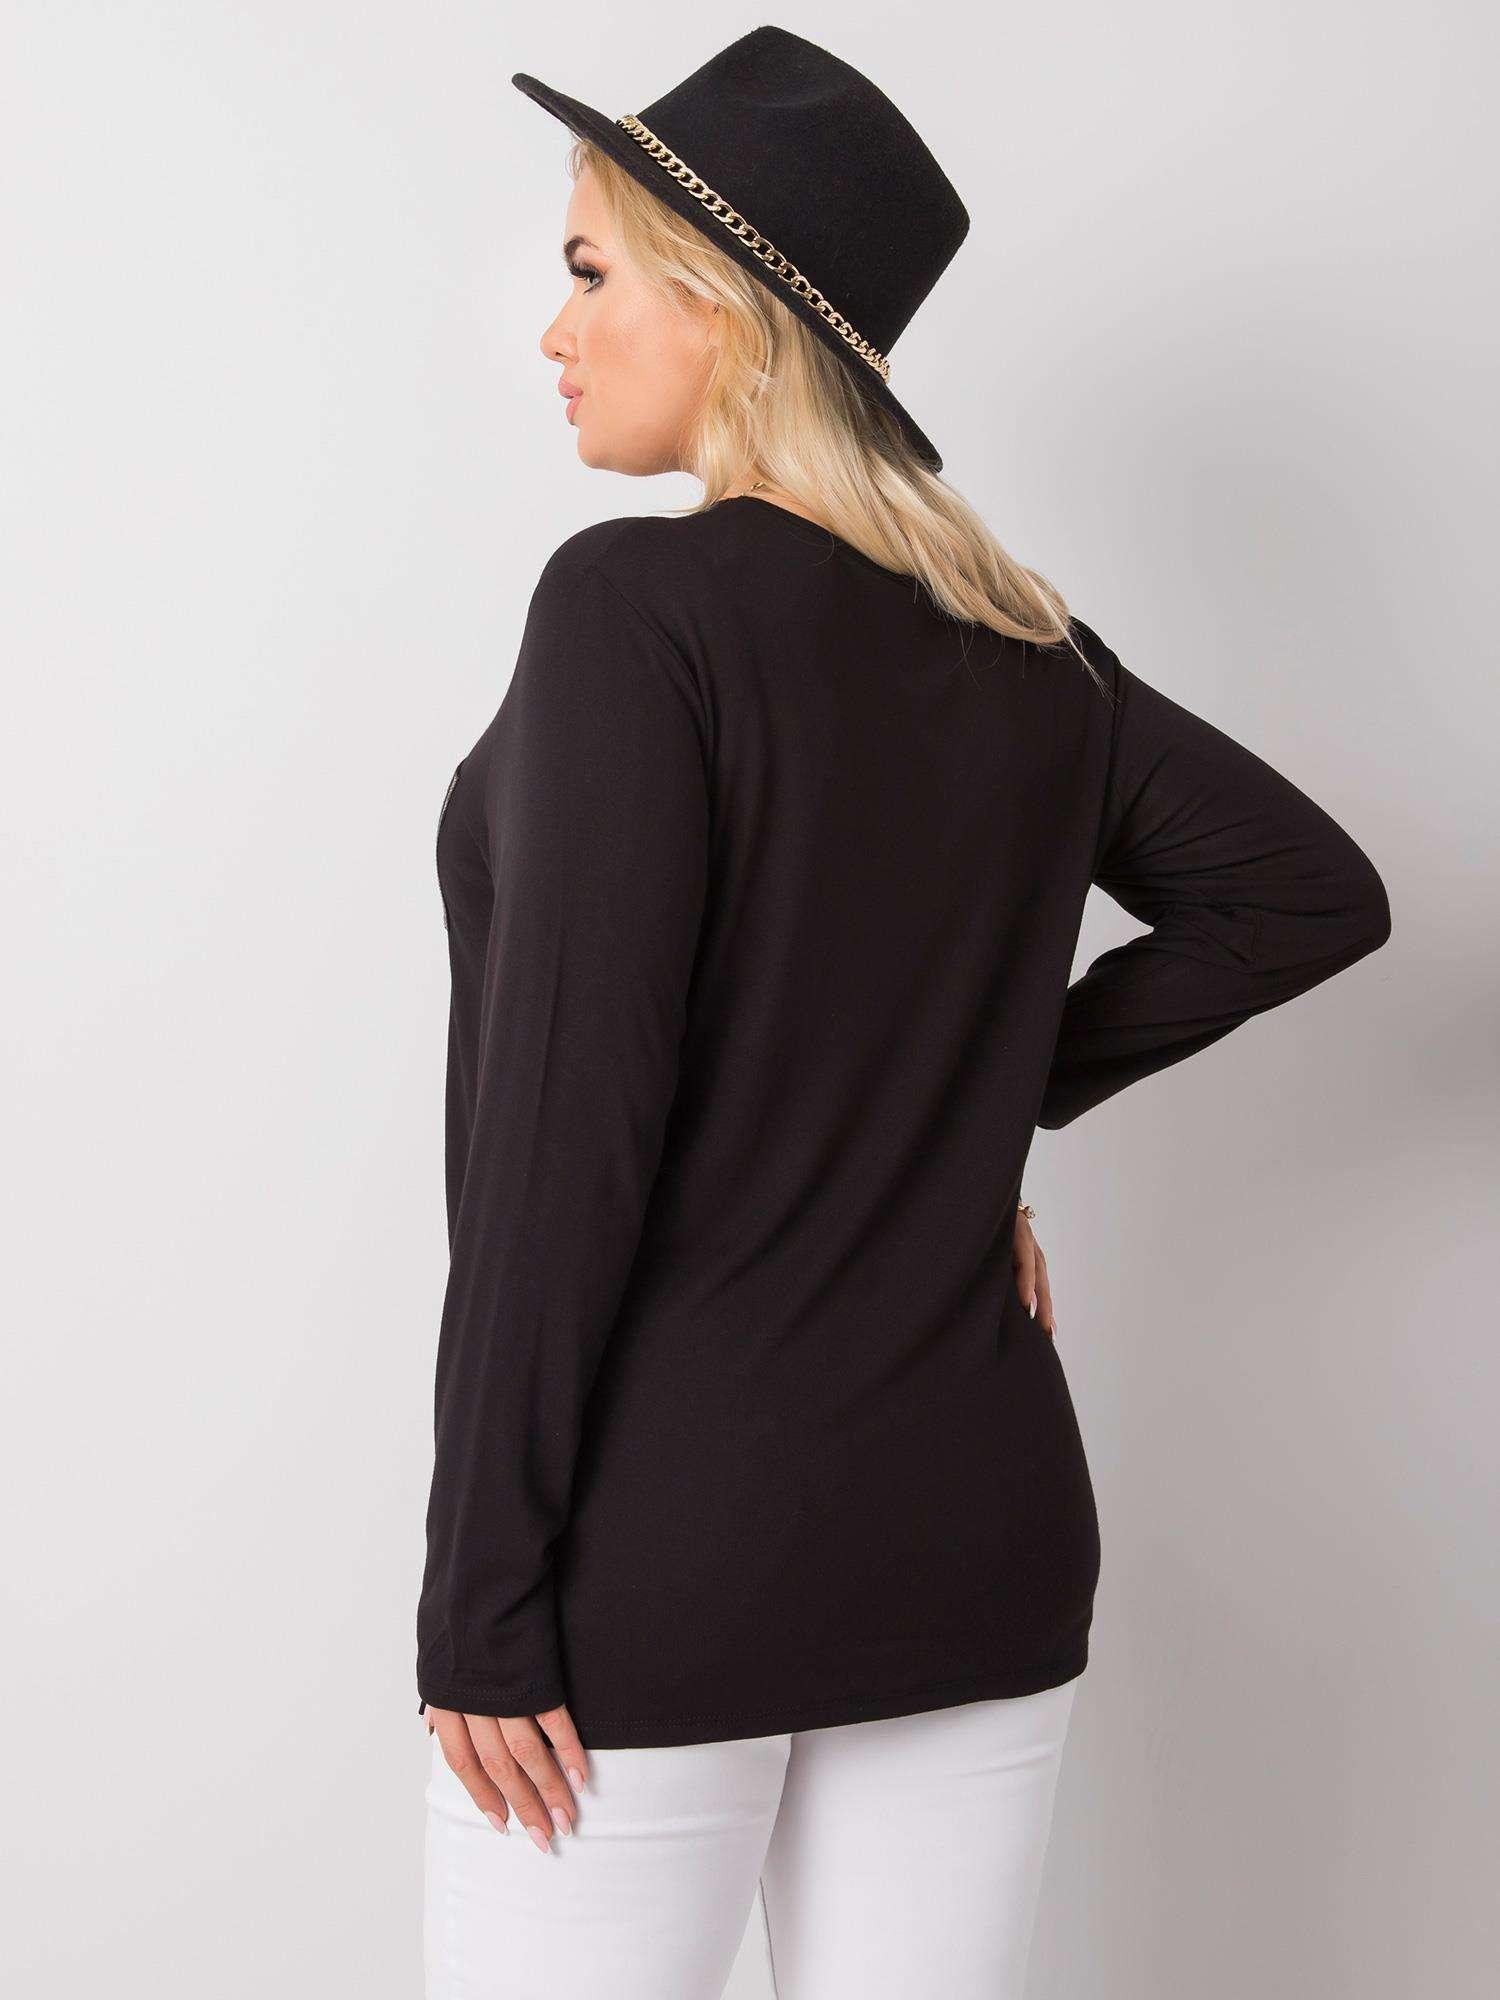 Longshirt in Schwarz mit Brusttasche Rückansicht